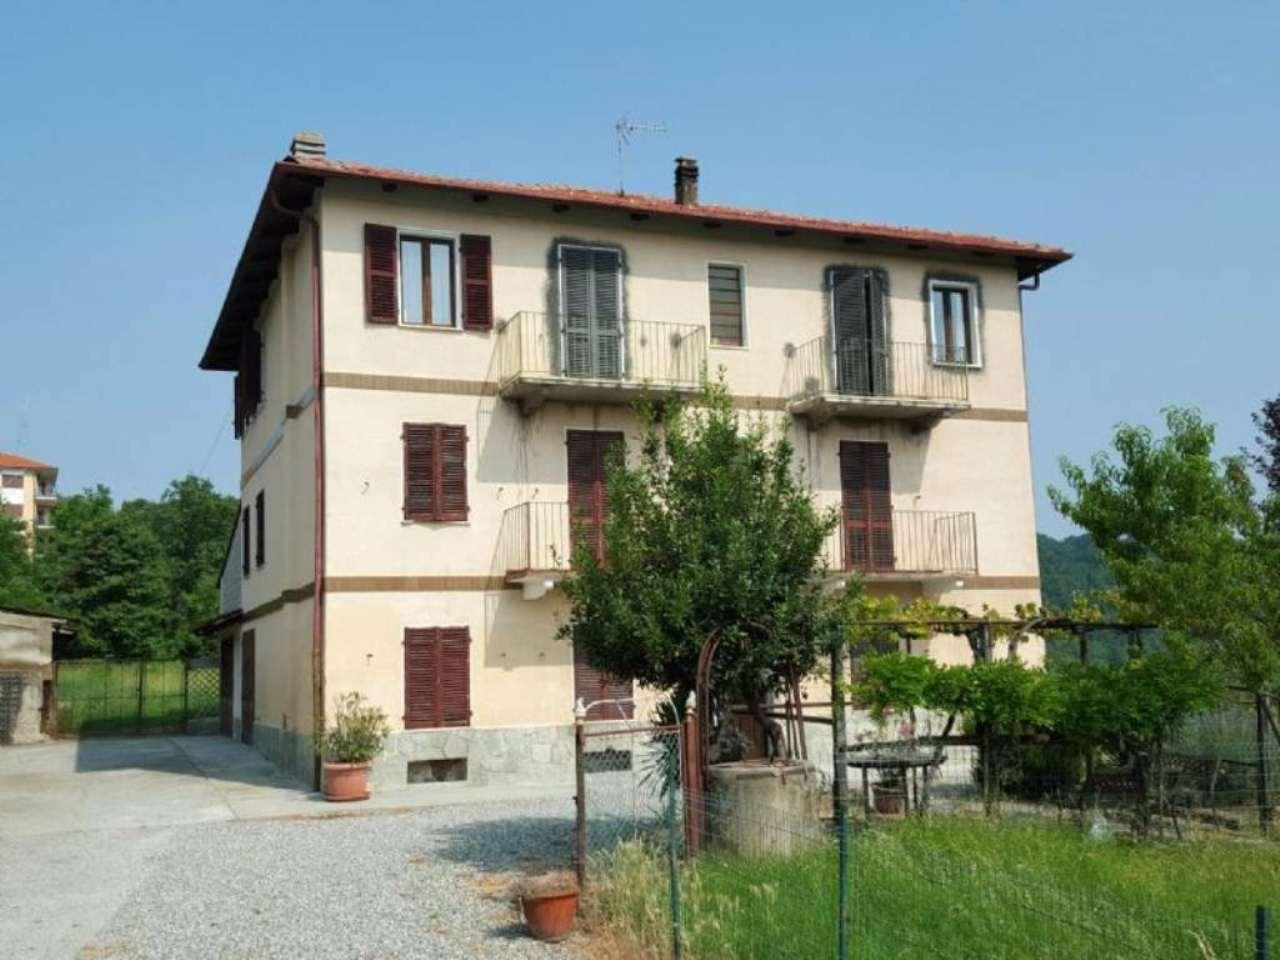 Soluzione Indipendente in vendita a Baldissero Torinese, 8 locali, prezzo € 290.000 | Cambio Casa.it